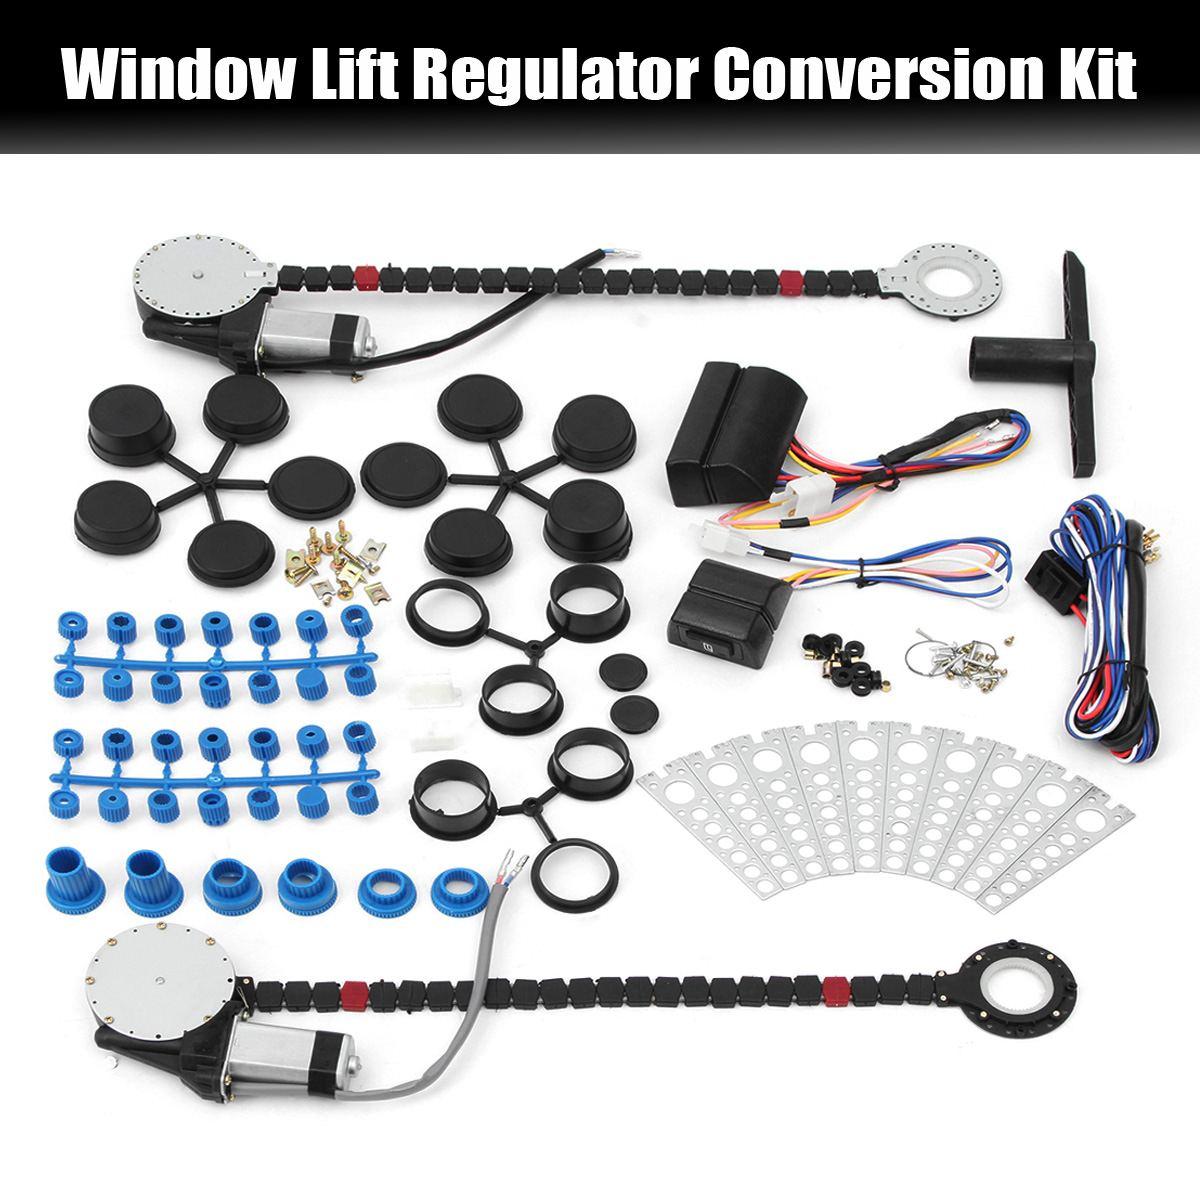 Kit universel de Conversion de régulateur de lève-vitre de voiture électrique pour 2 portes voiture camion SUV lève-vitre er Kit de réparation